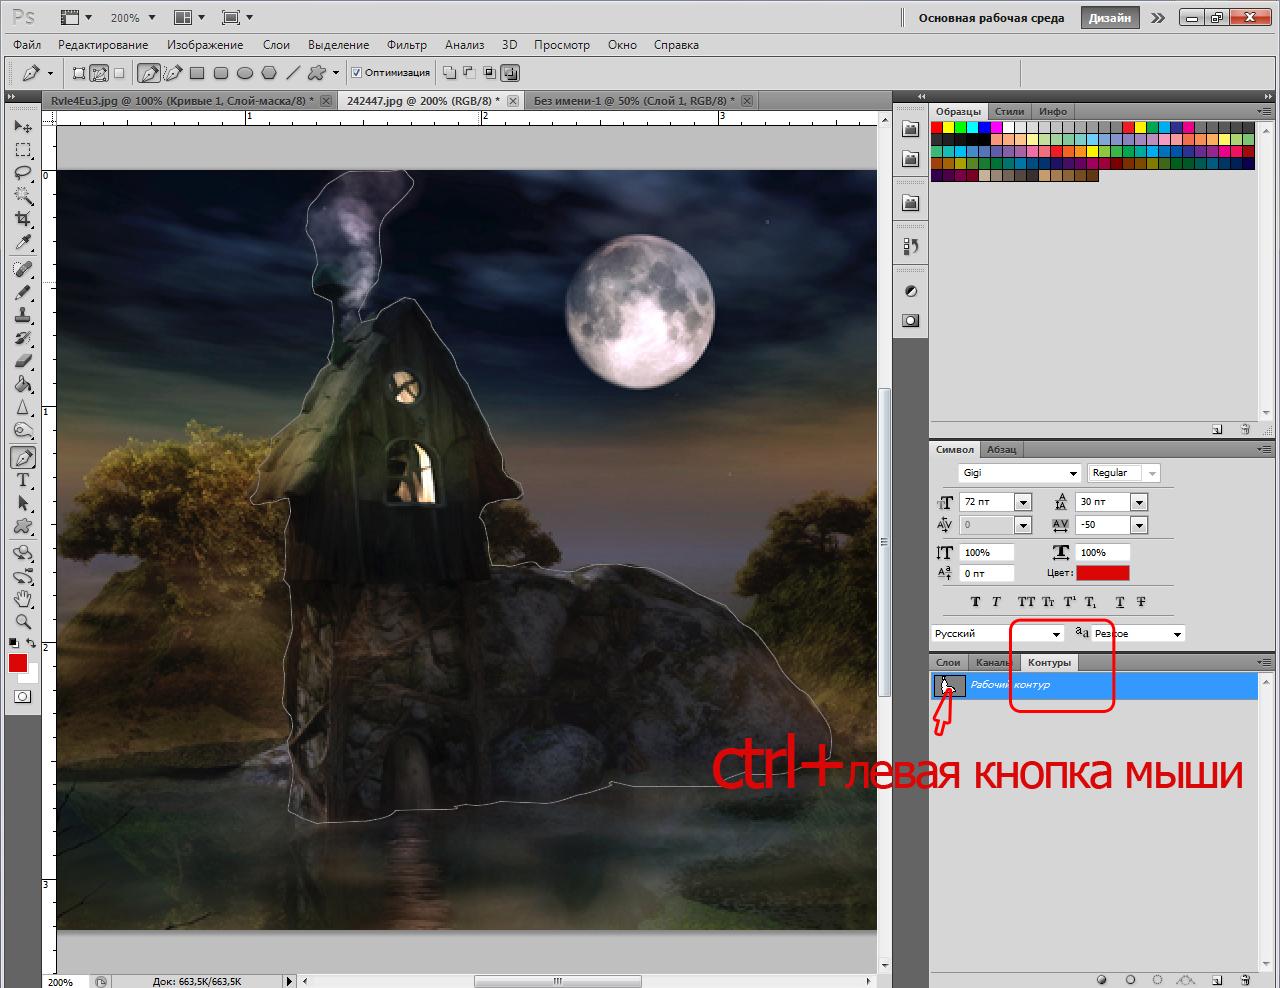 http://s3.hostingkartinok.com/uploads/images/2012/08/0c8347dc789629e58d6e98a2bad1d6b0.jpg